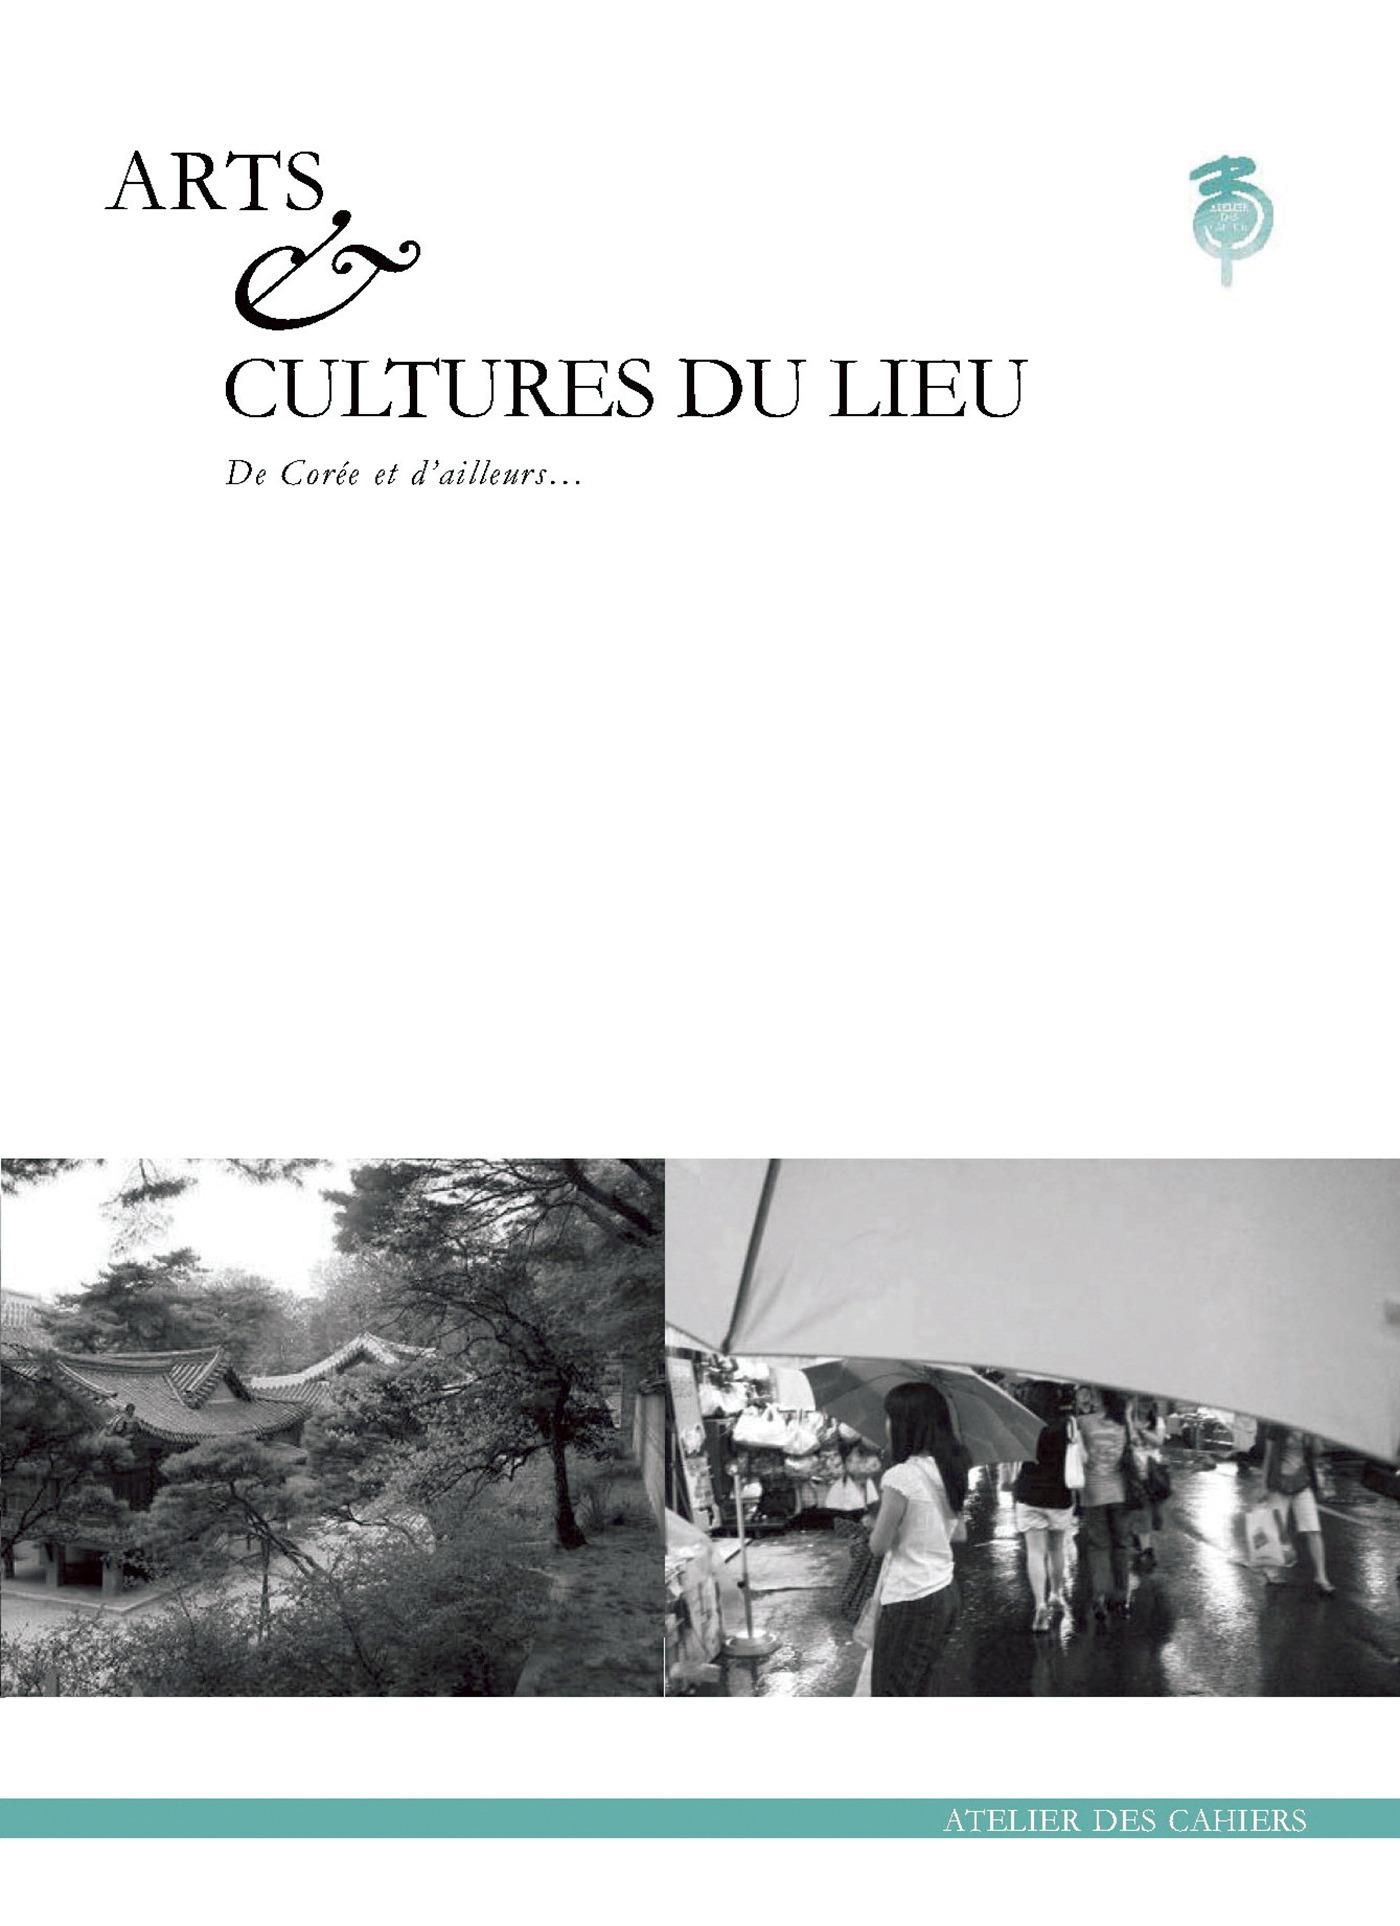 Arts et cultures du lieu de Corée et d'ailleurs